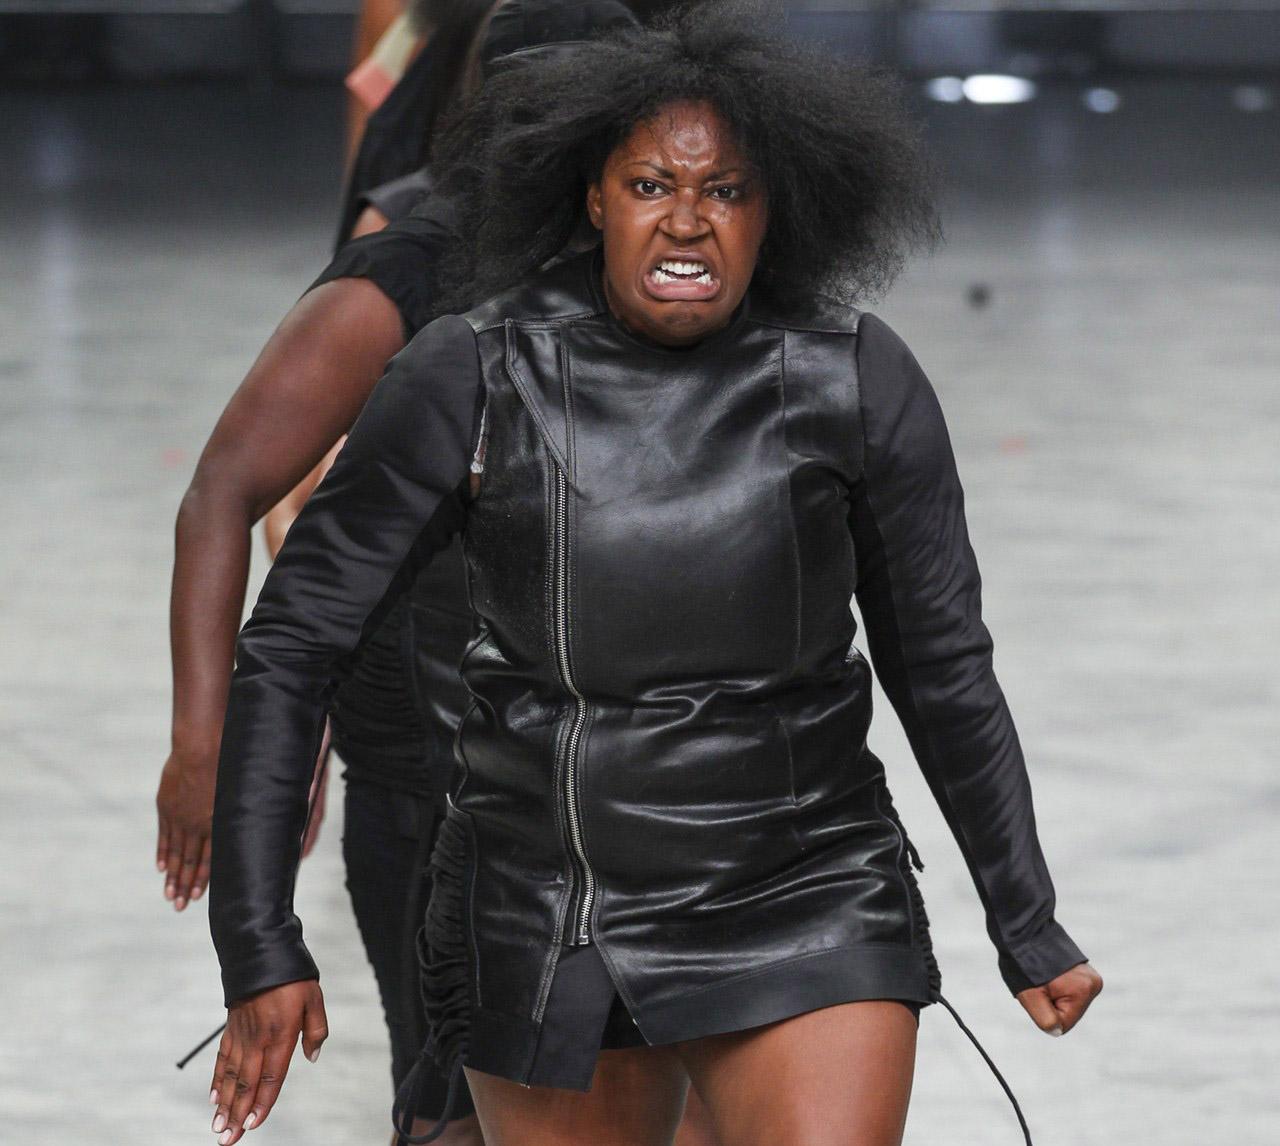 Estilista traz pessoas consideradas 'fora dos padrões da moda' para desfilar na passarela 2